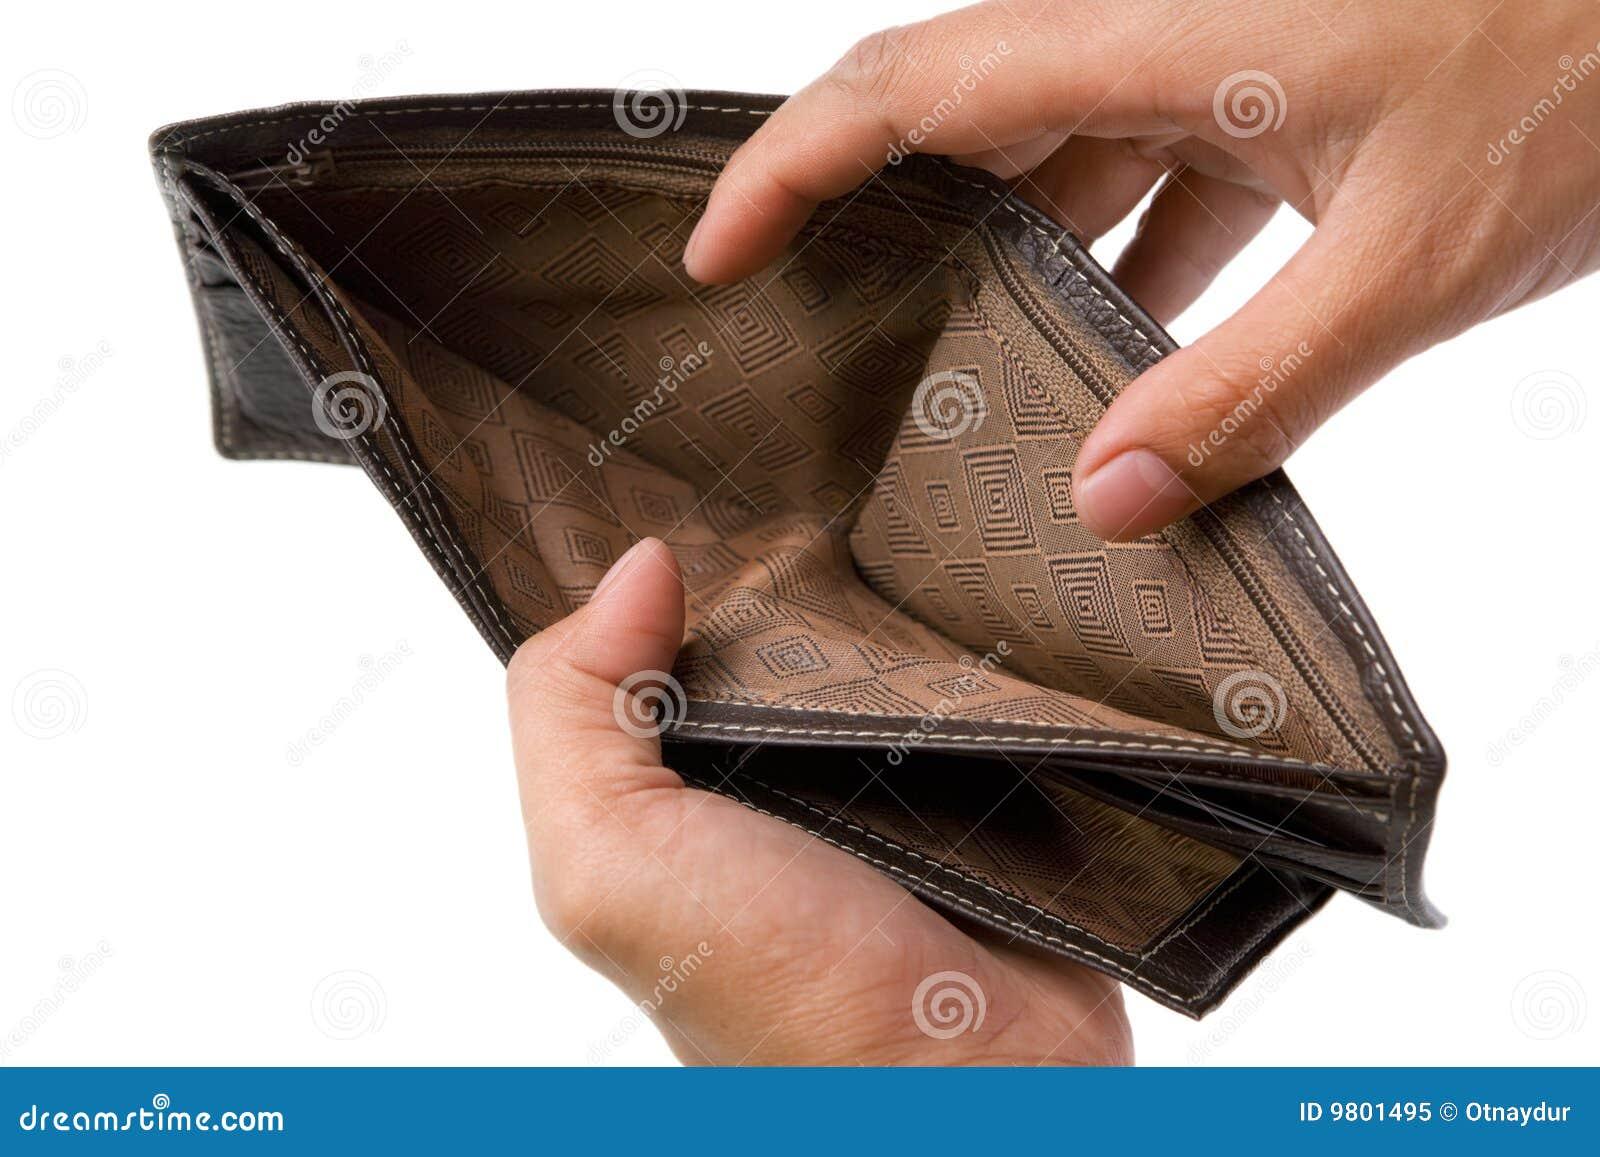 里面货币没有钱包